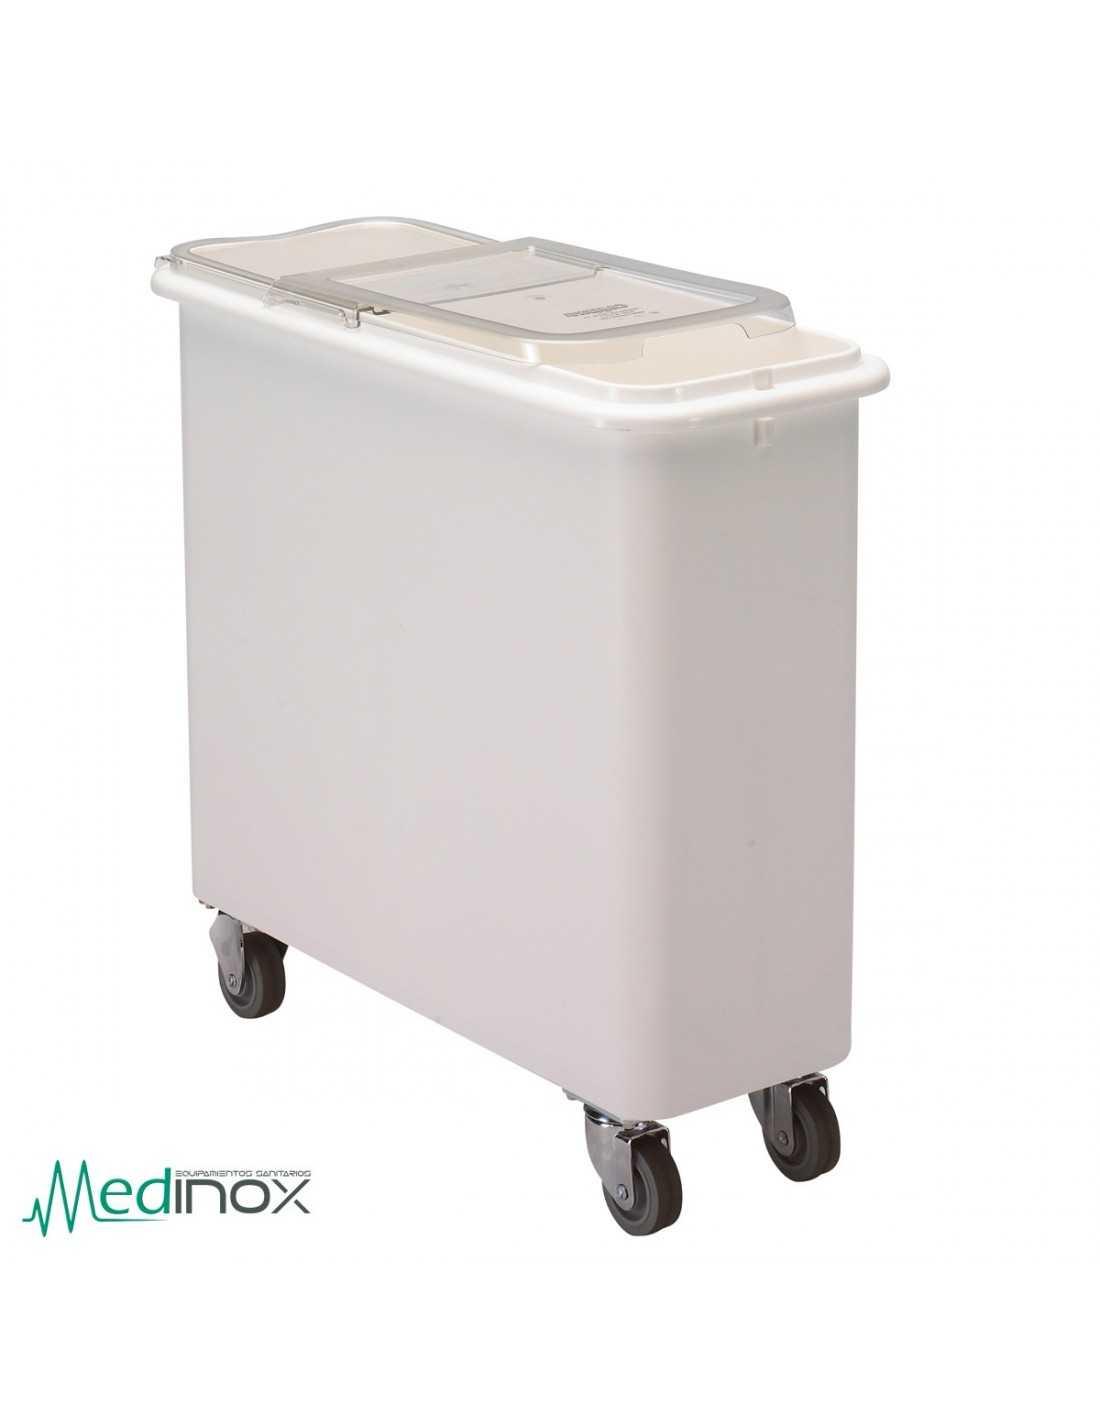 Cajas de almacenaje de plastico dmibsf27 con ruedas para - Cajas de almacenaje ...